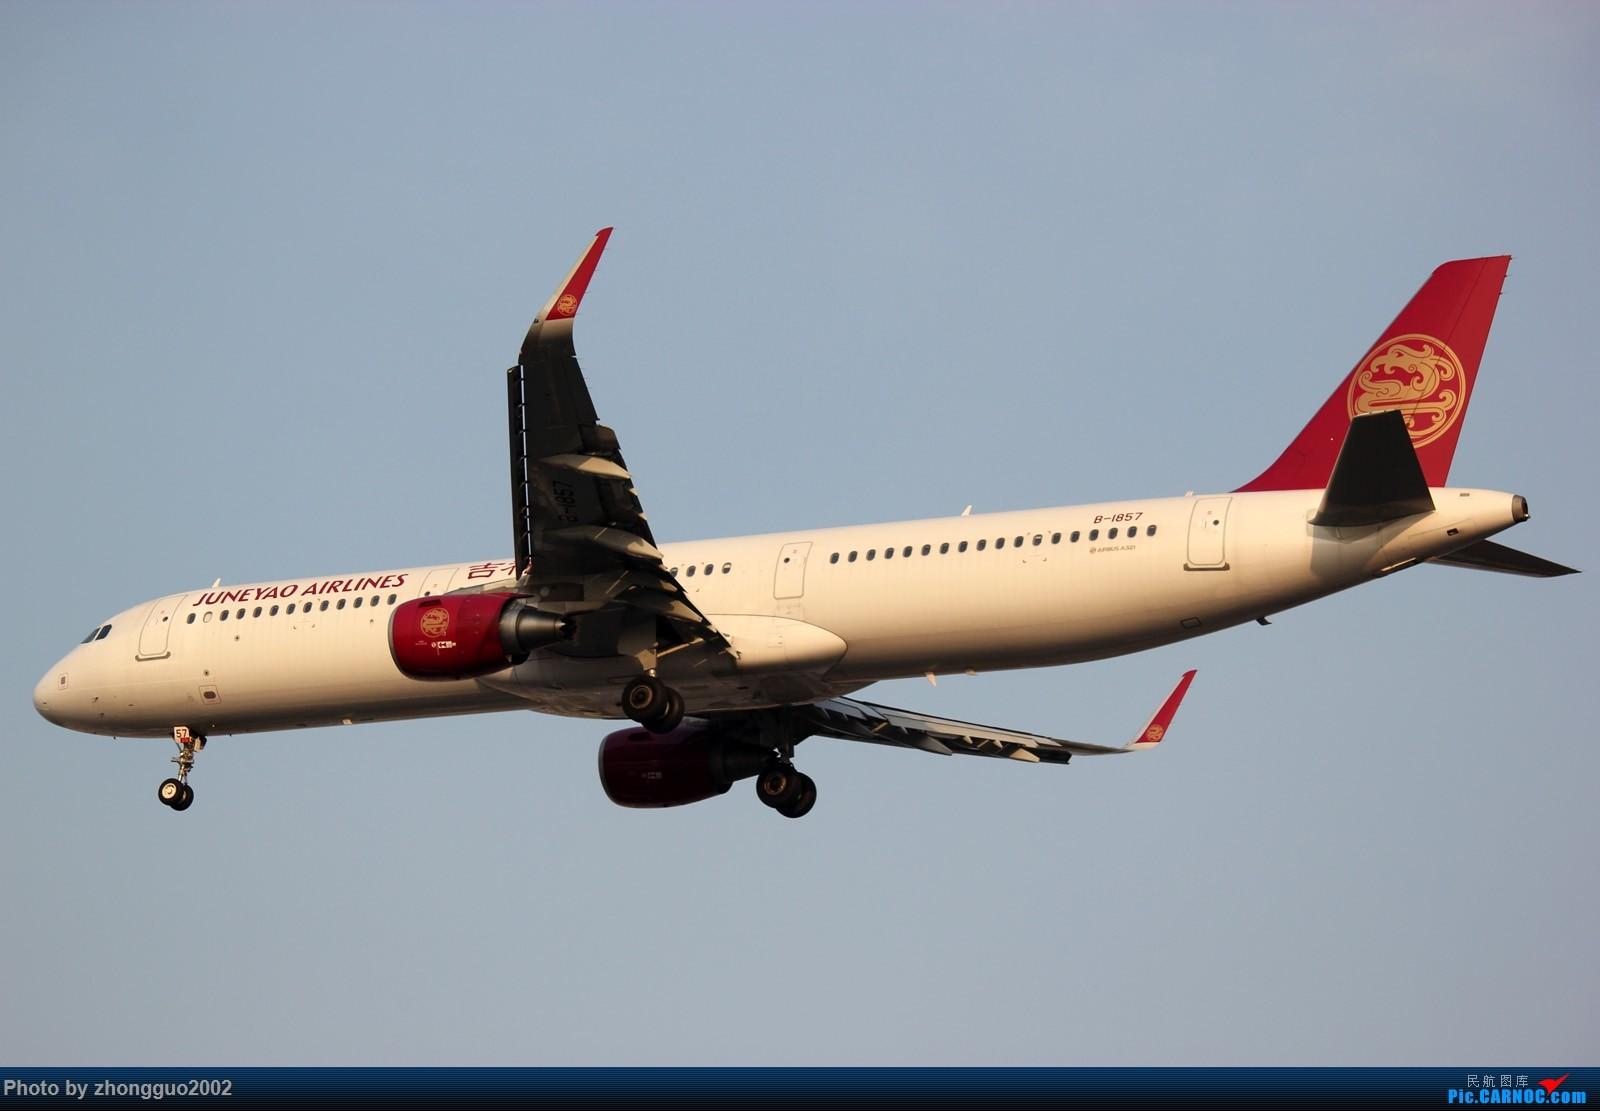 Re:[原创]【BLDDQ--深圳打机队】发小飞机盖楼贴,凡跟帖1字开头大陆民航飞机图的,每图五架小飞机不重复 AIRBUS A321-200 B-1857 中国呼和浩特白塔国际机场